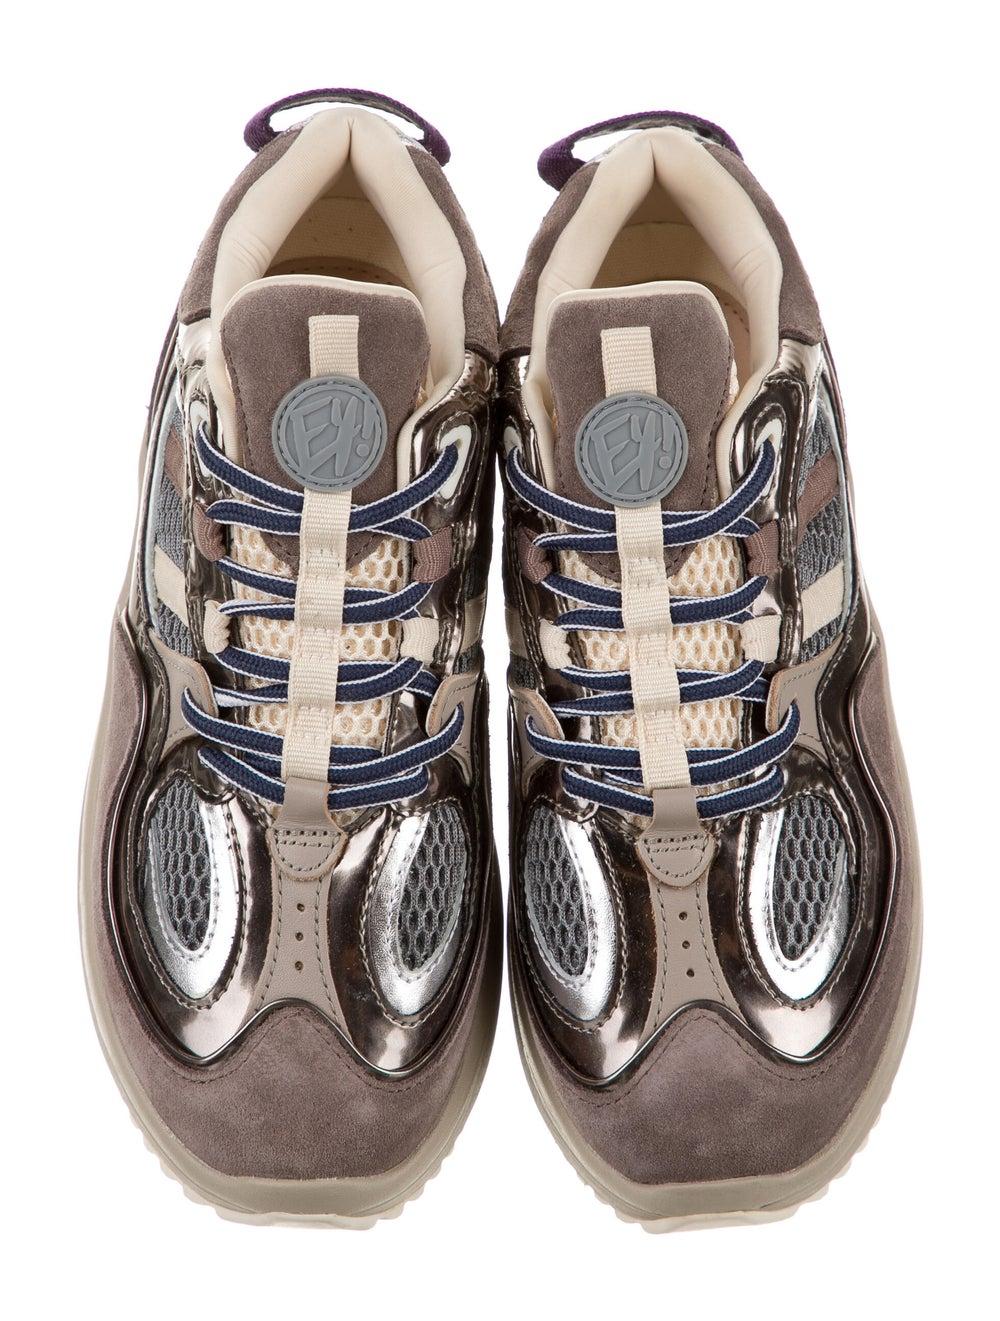 Eytys Jet Turbo Sneakers Brown - image 3